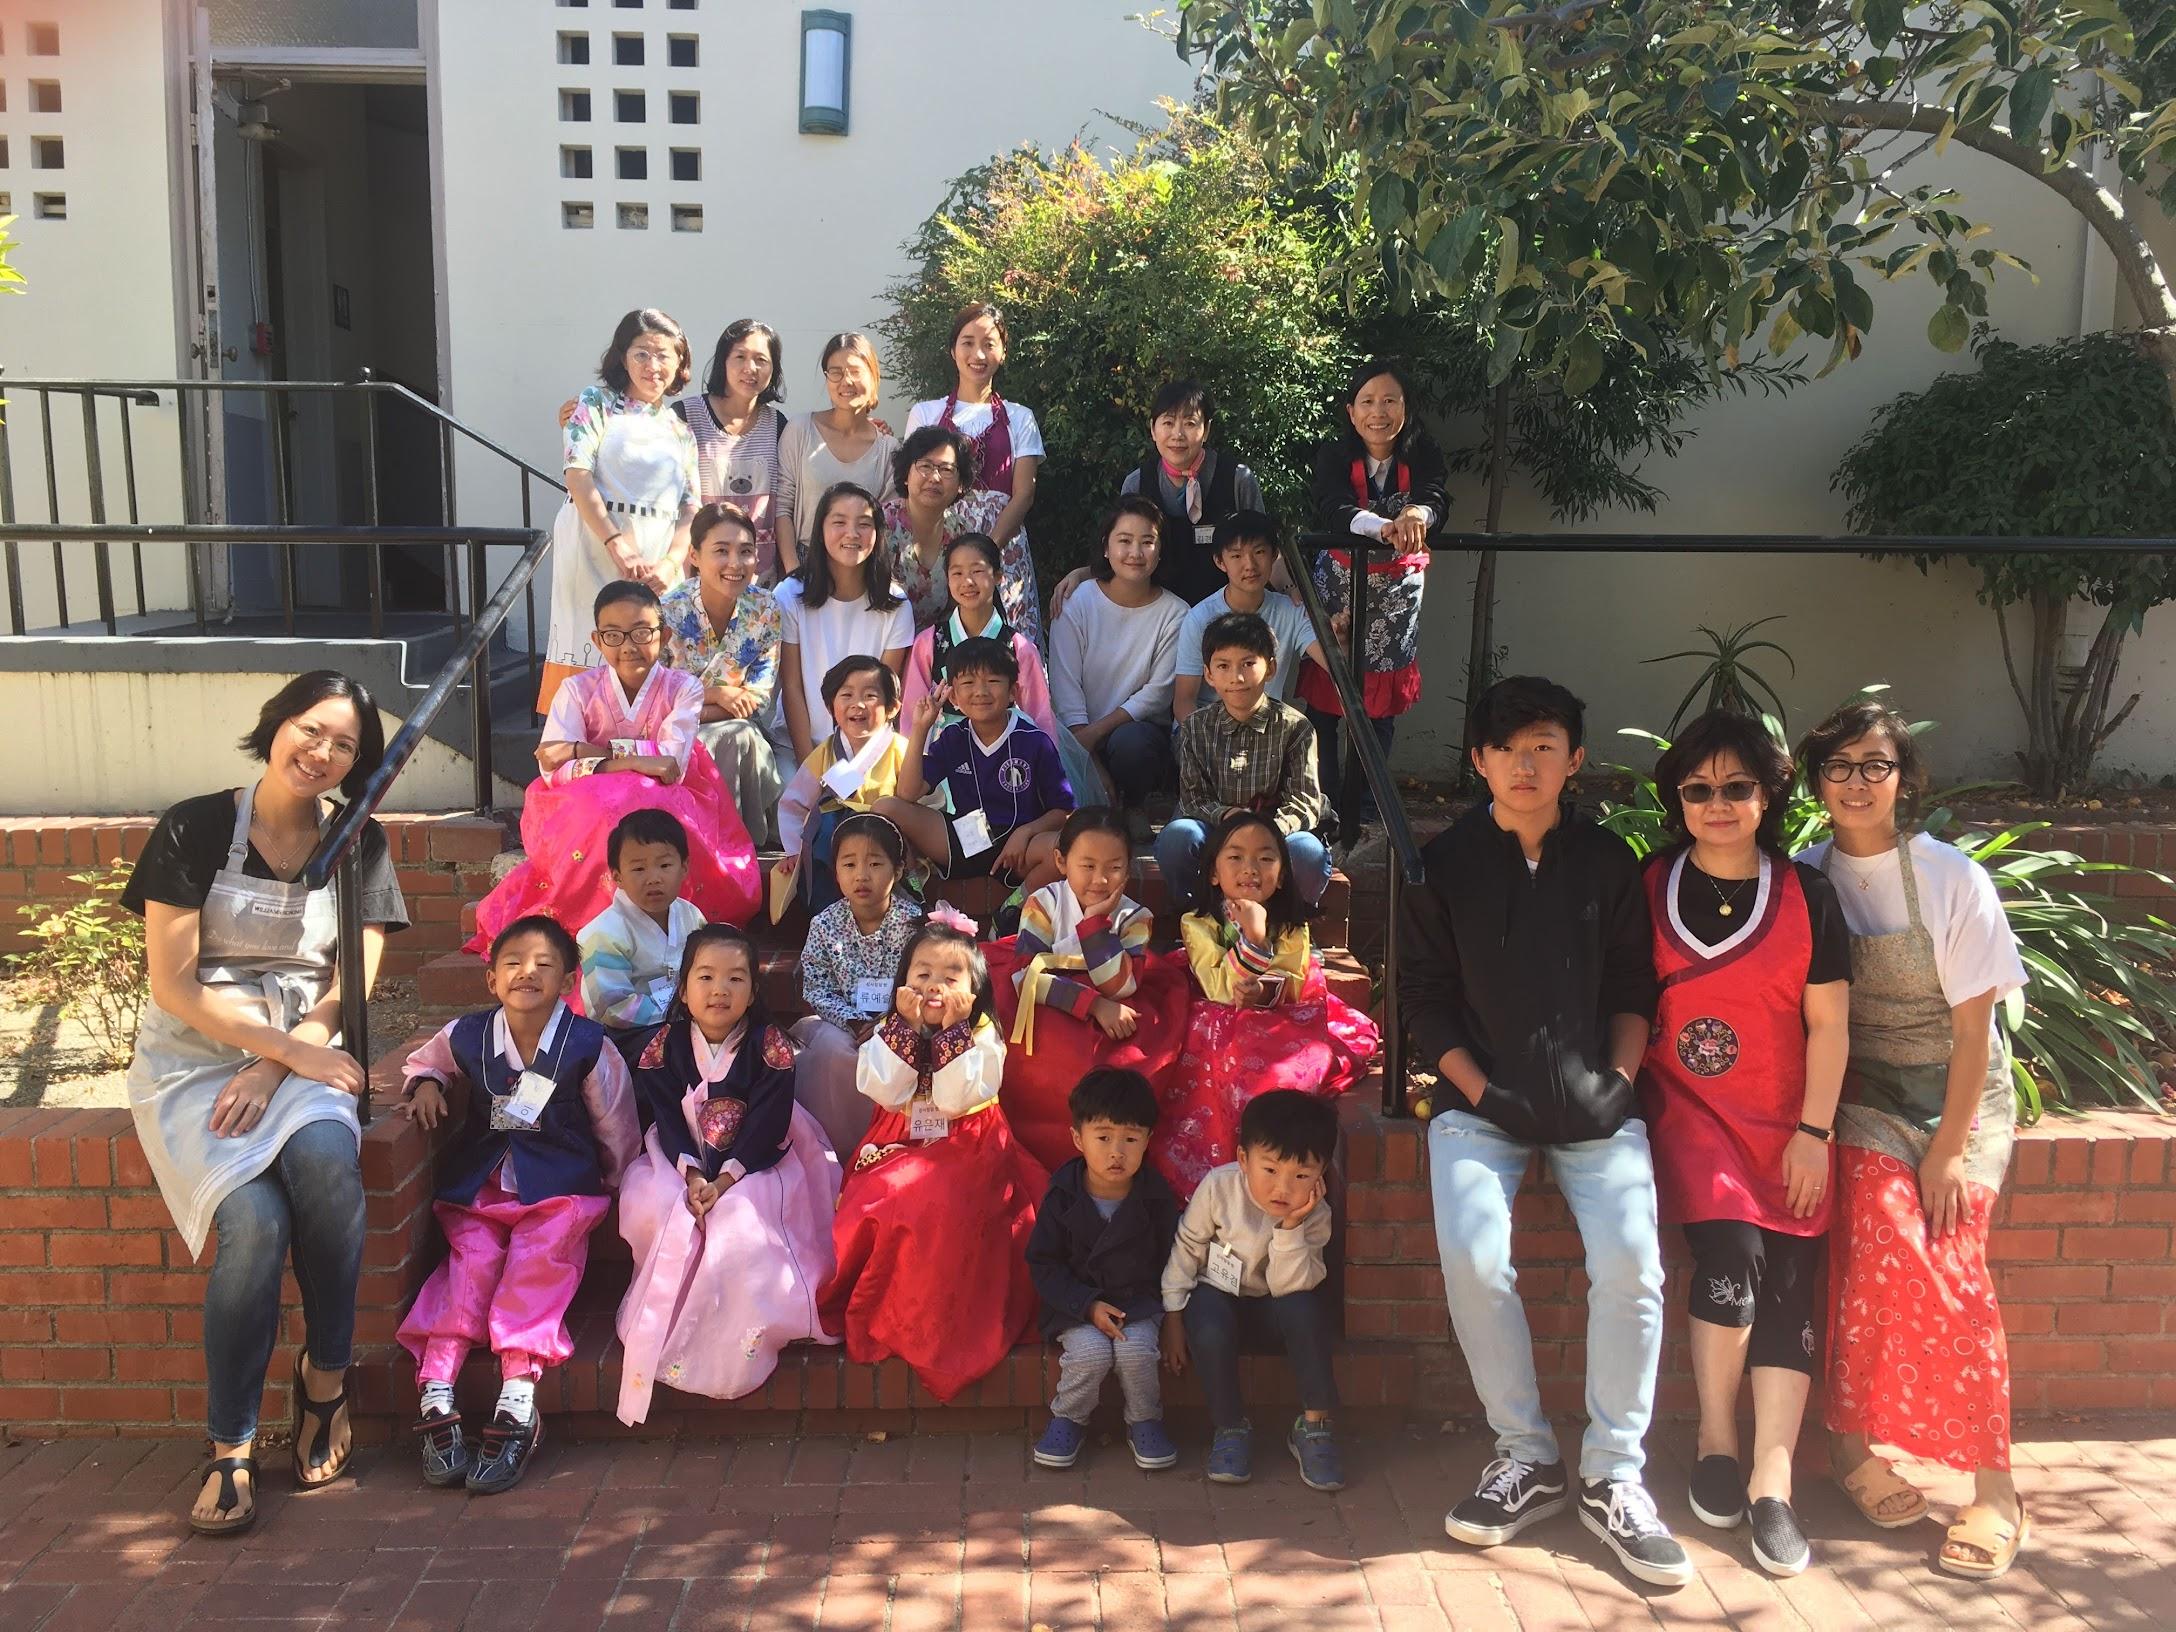 한국학교 추석행사 - 성 김대건 한국학교는 9월8일 개강식을 시작으로 2018 - 2019 가을학기를 시작하였습니다.